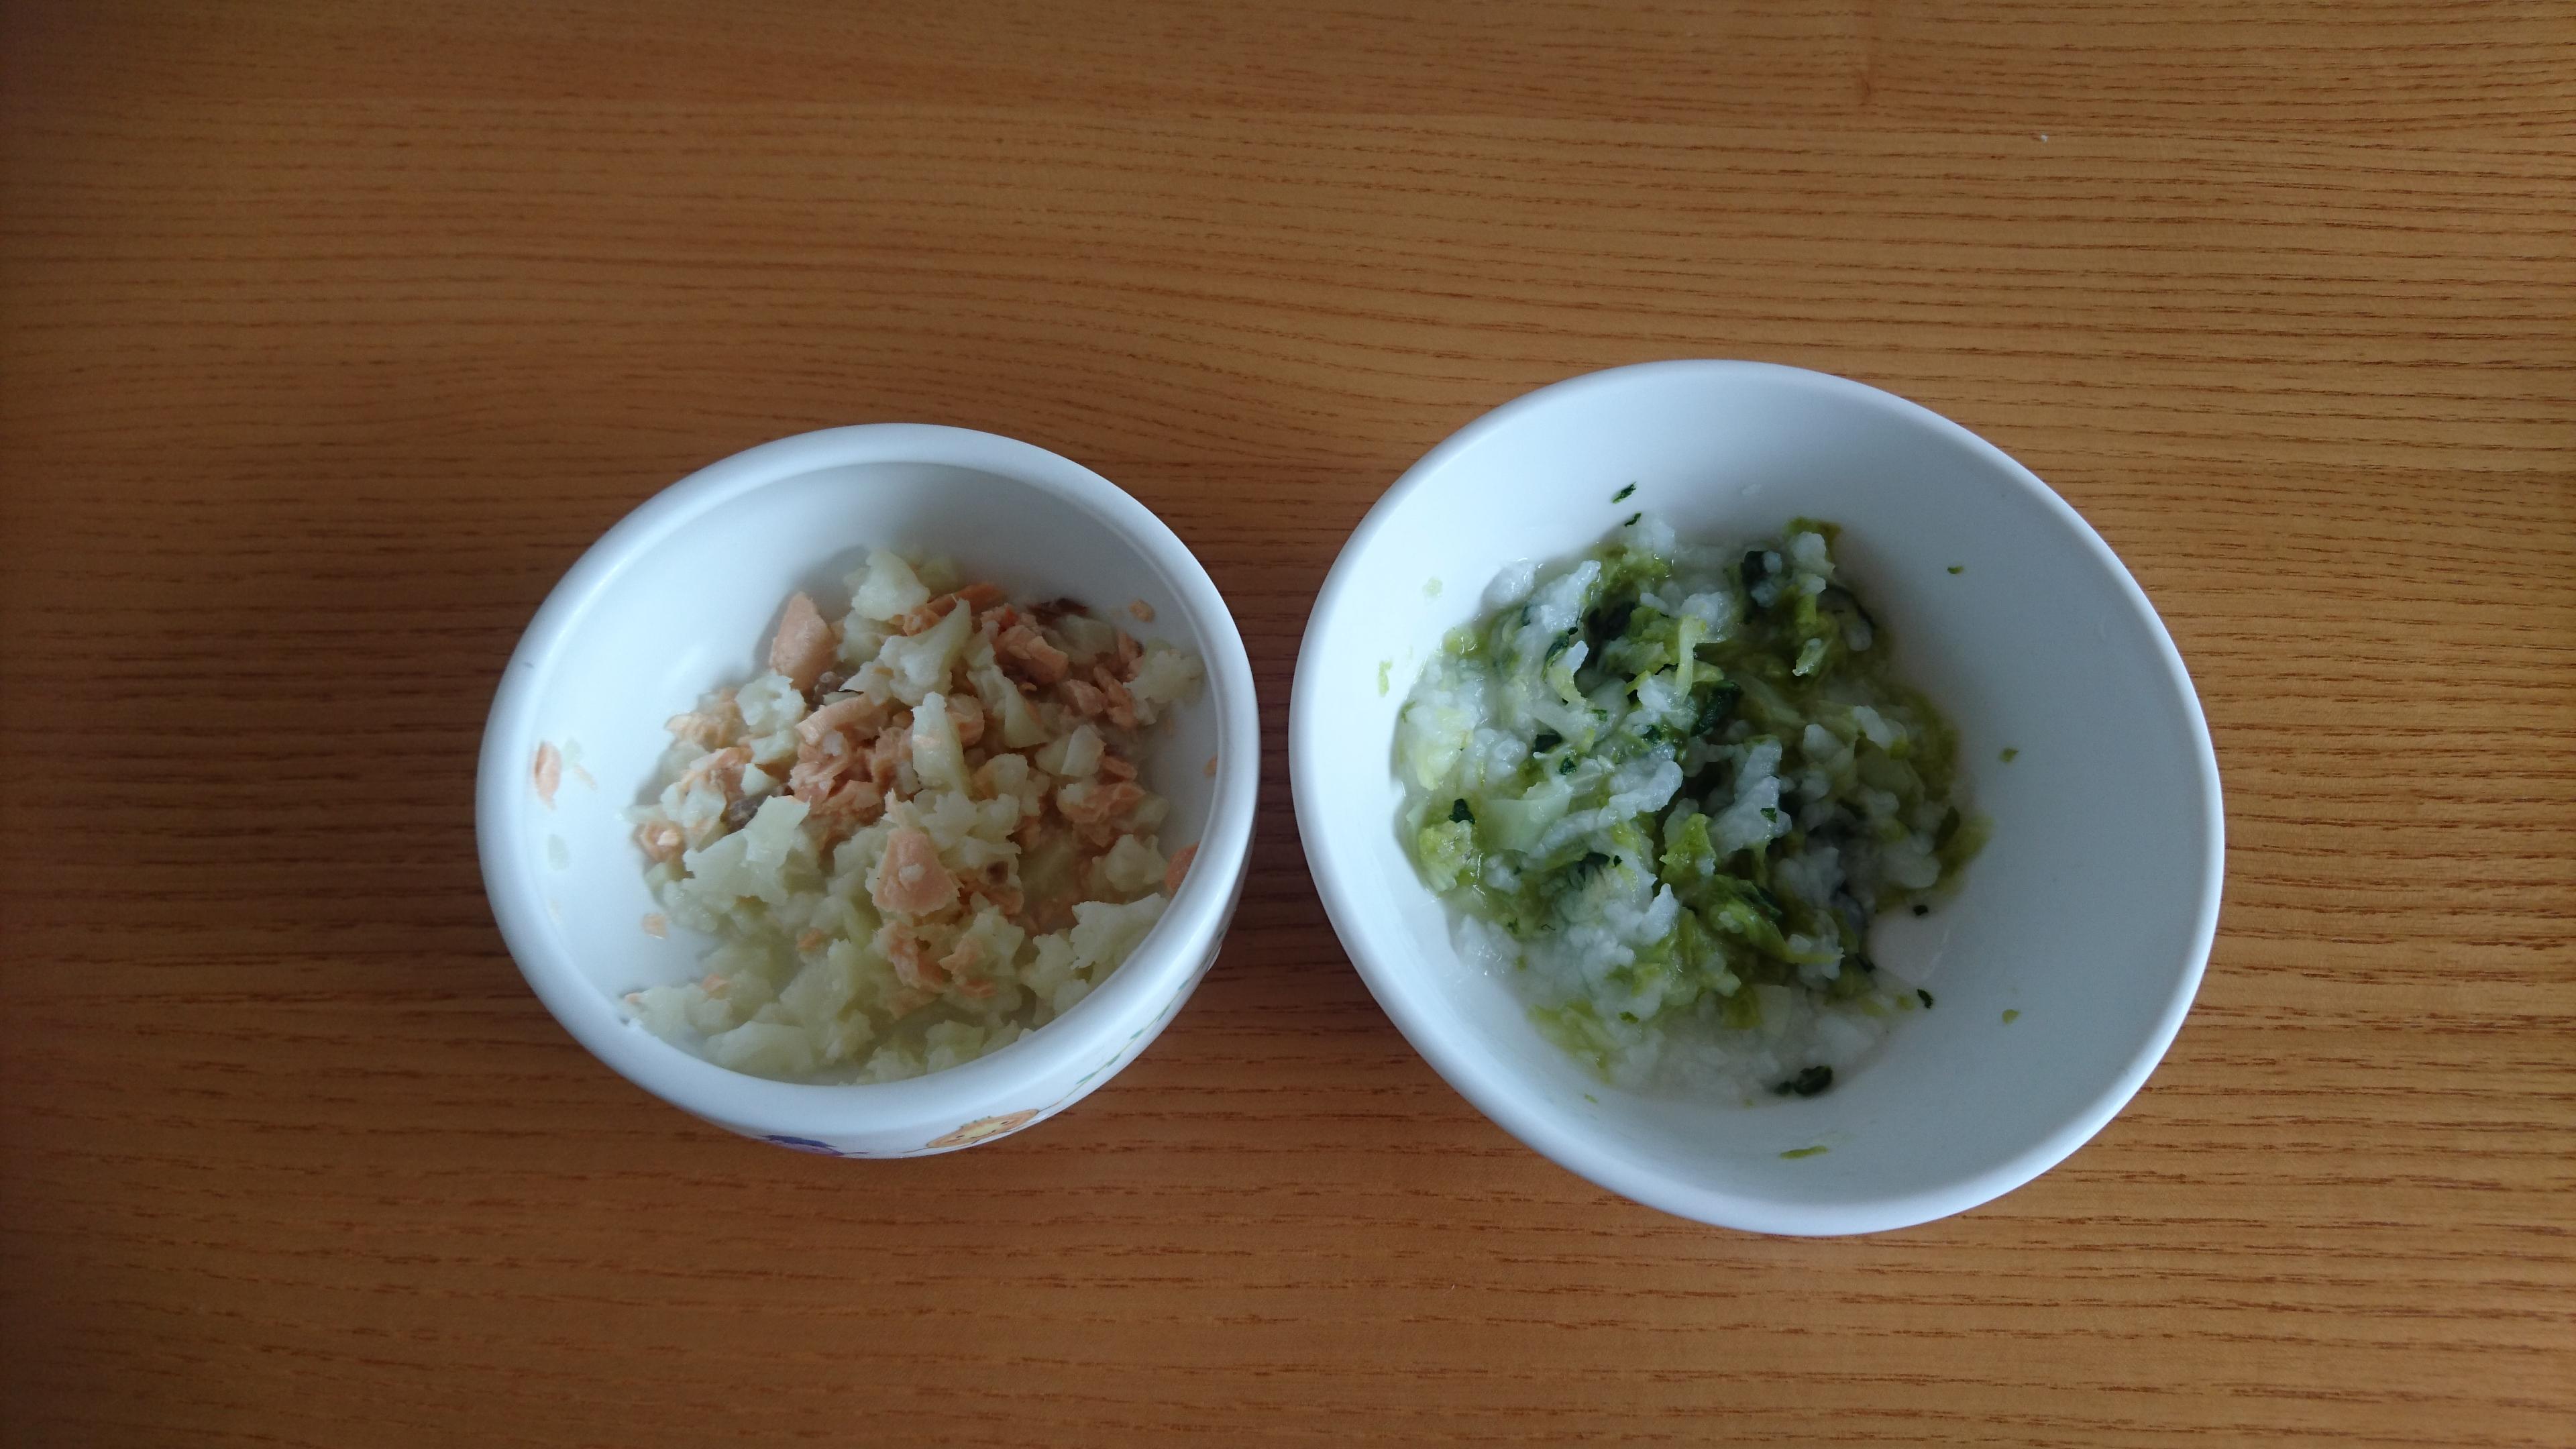 離乳食:チンゲン菜とキャベツのおかゆなど